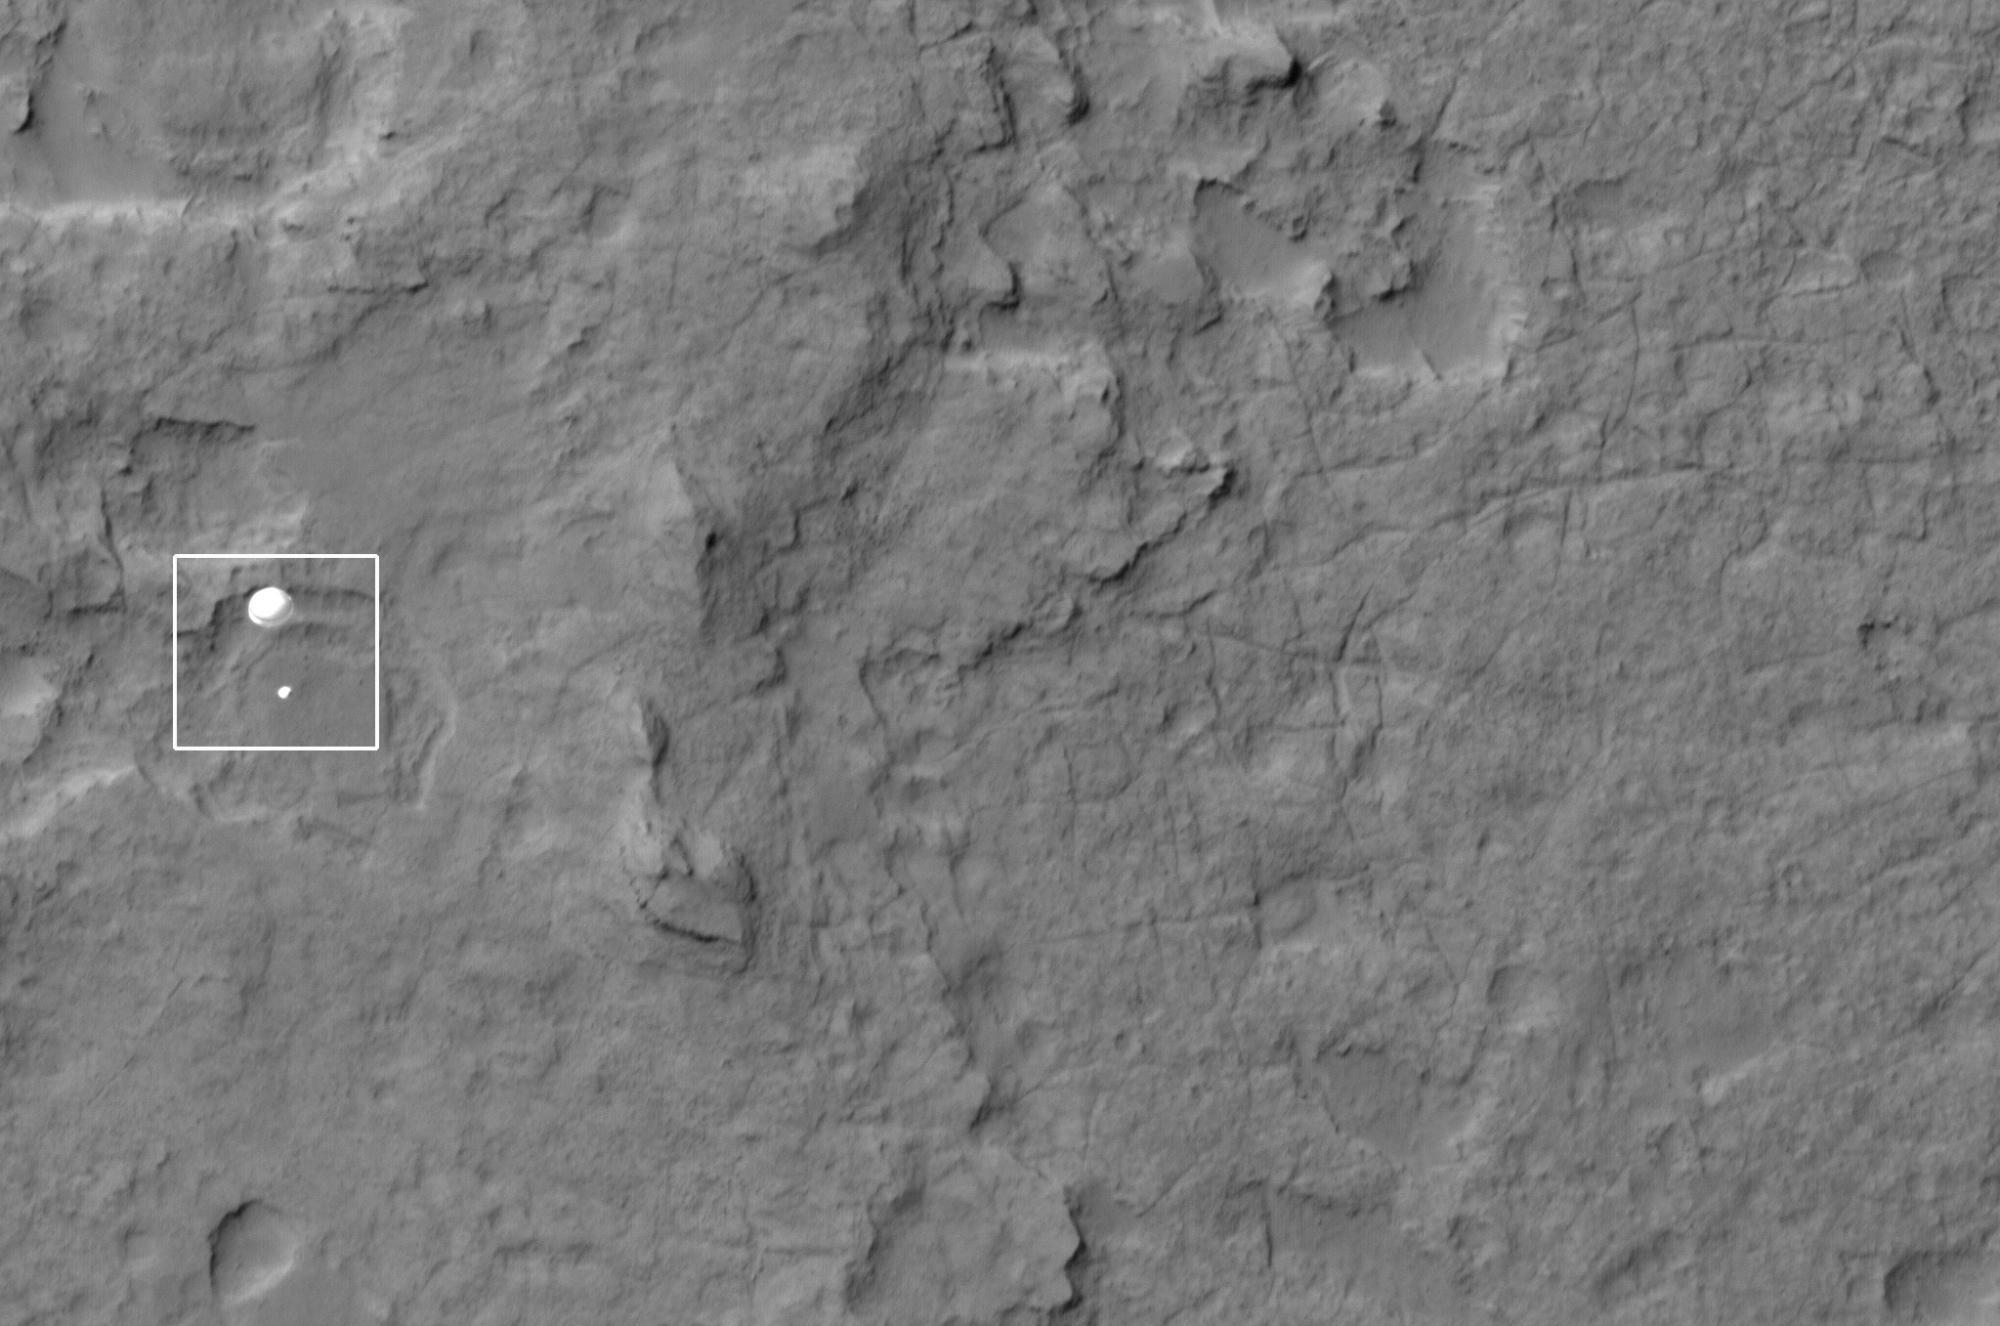 Curiosity-descente.jpg